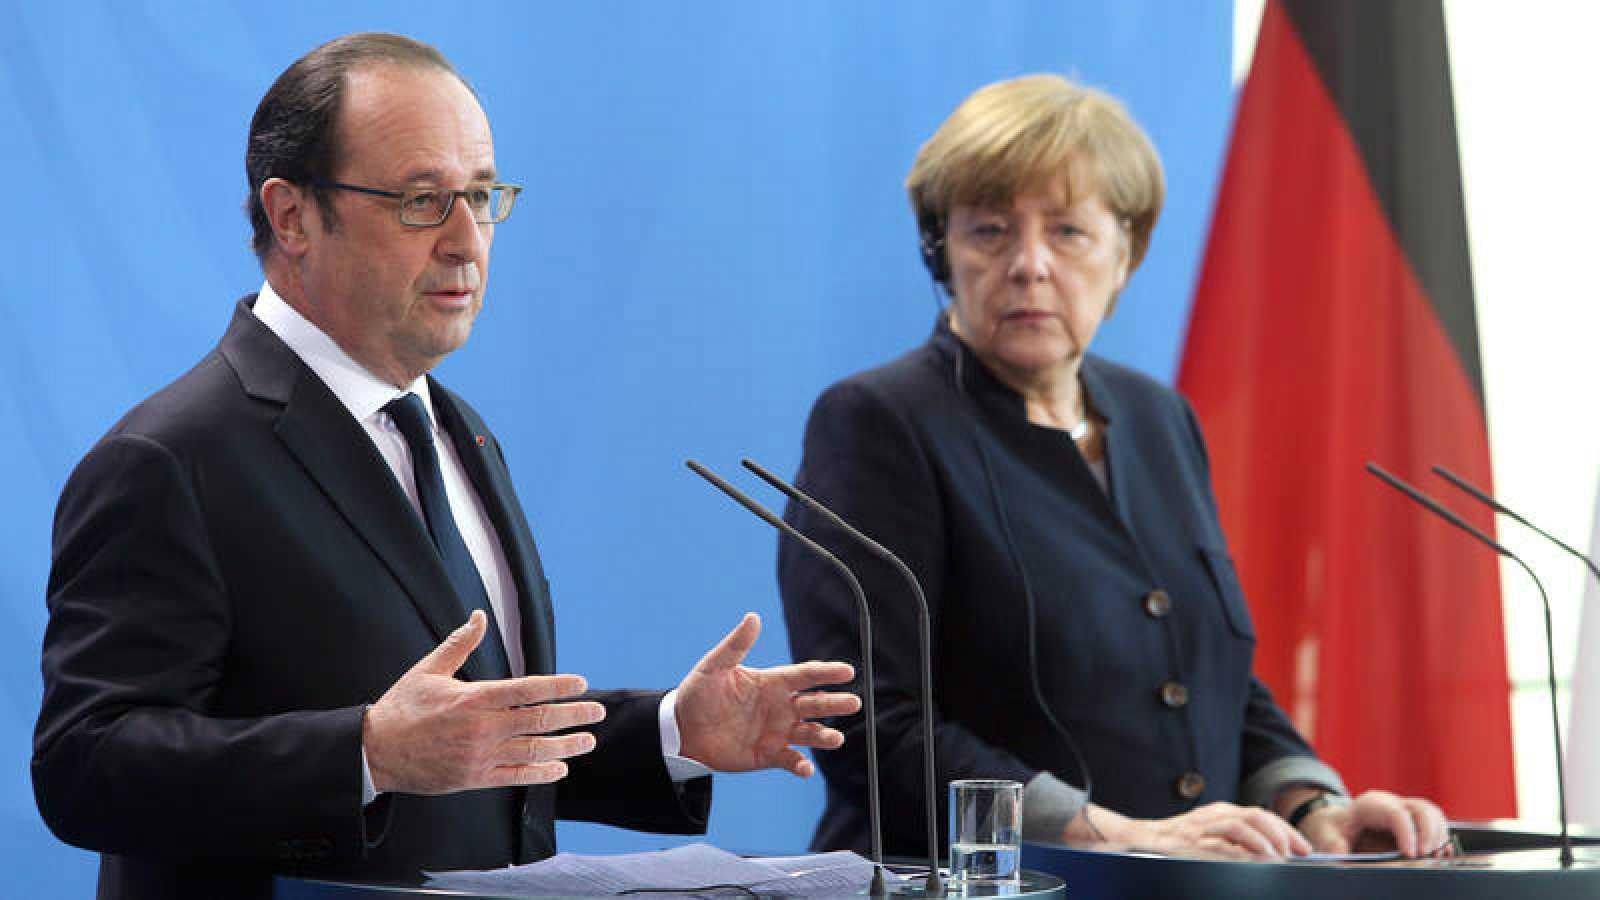 La canciller alemana, Angela Merkel, y el presidente francés, Francois Hollande, comparecen ante la prensa tras su encuentro en Berlín.